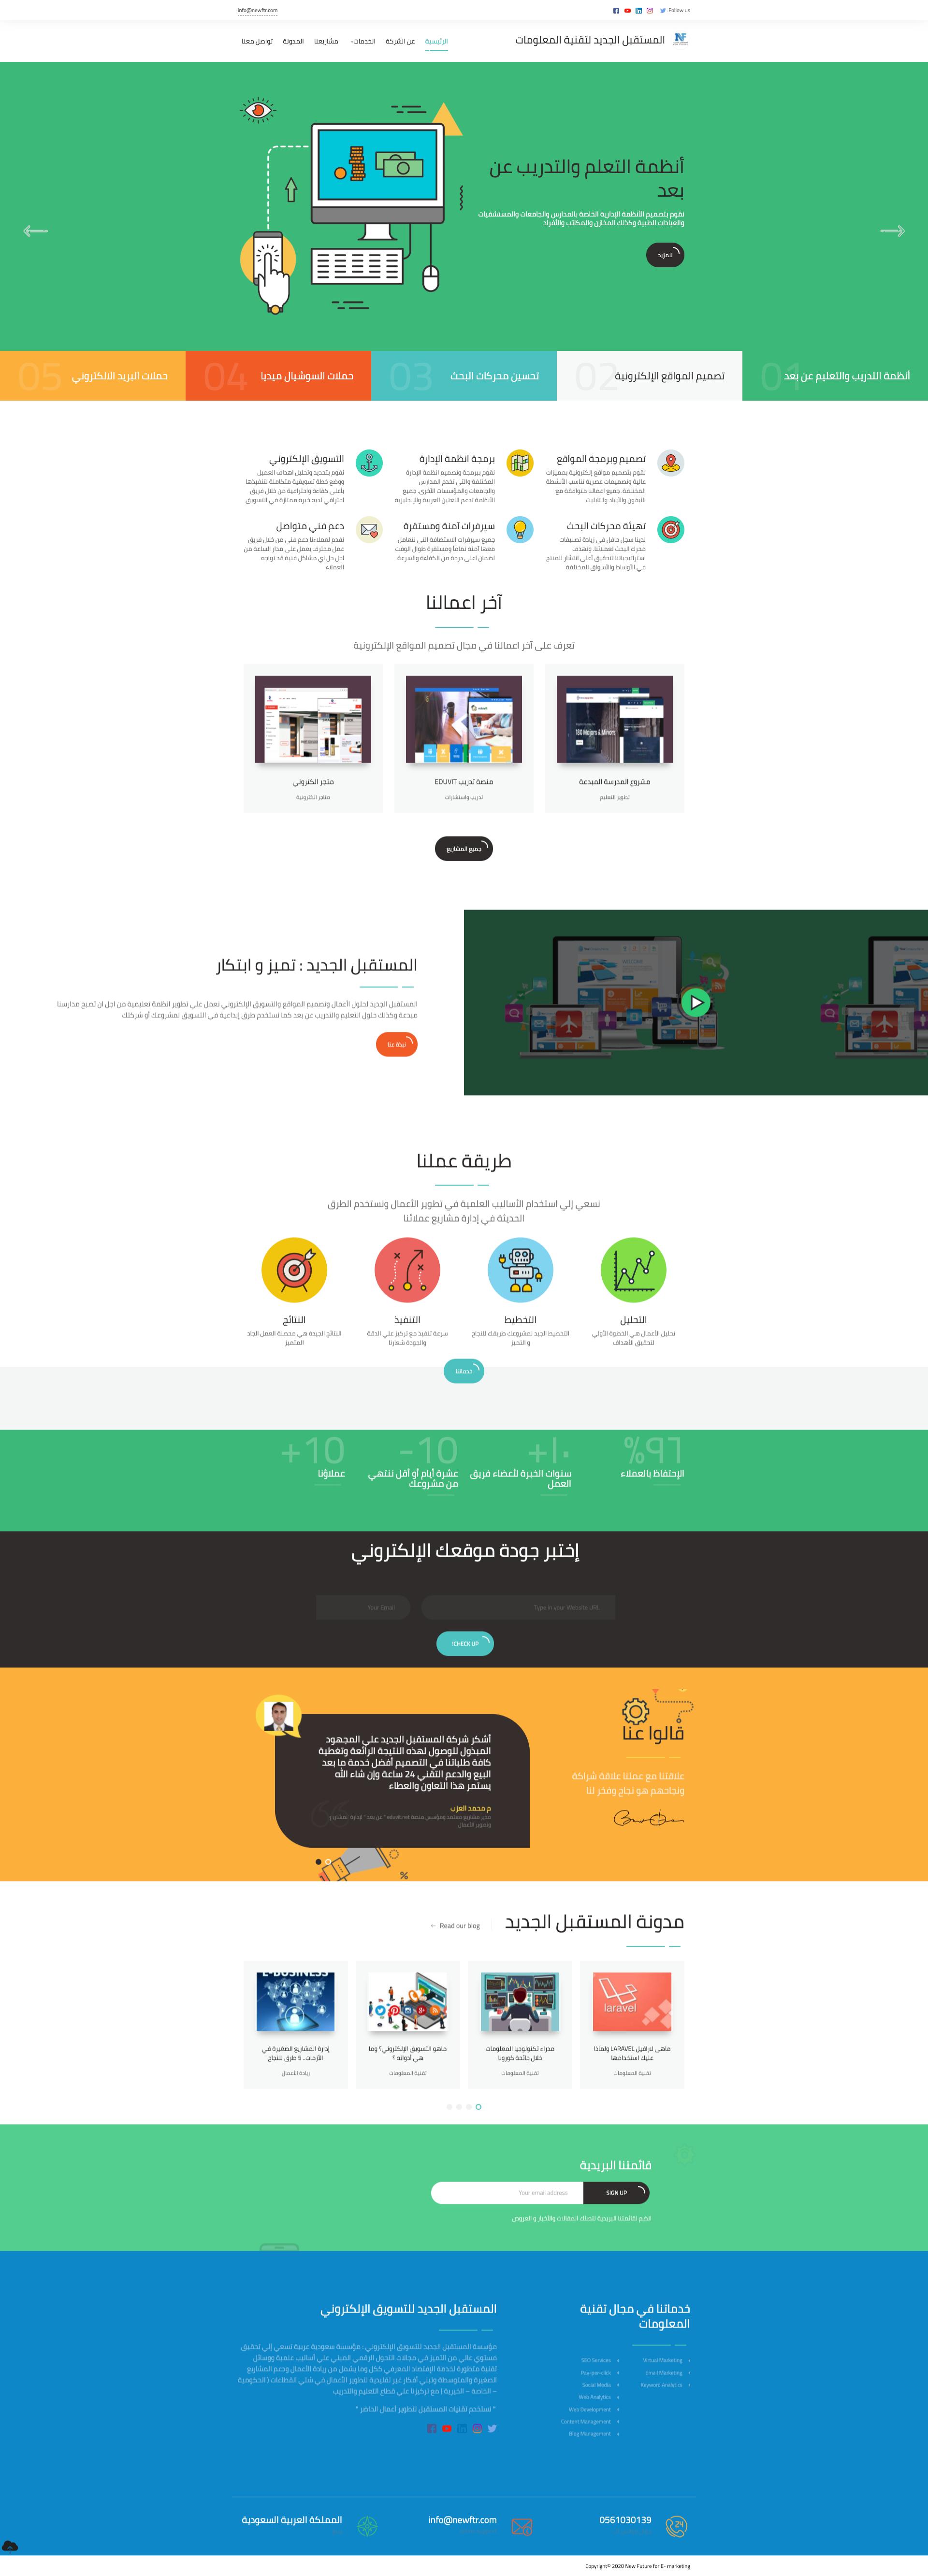 موقع شركة المستقبل الجديد لخدمات التصميم والتسويق الالكتروني